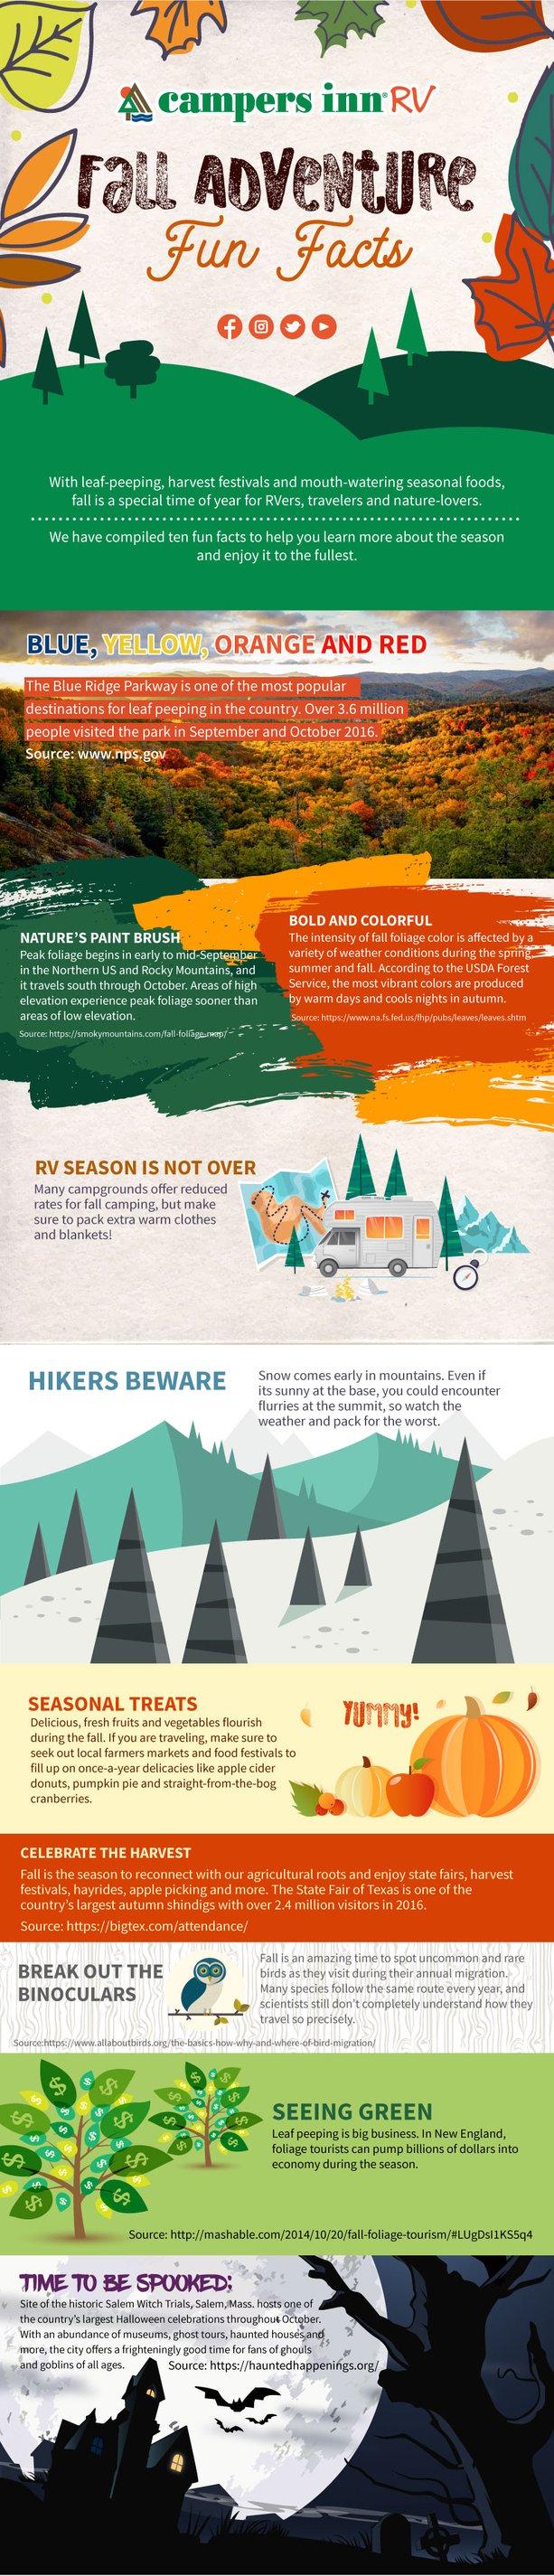 Fall Adventure Fun Facts!